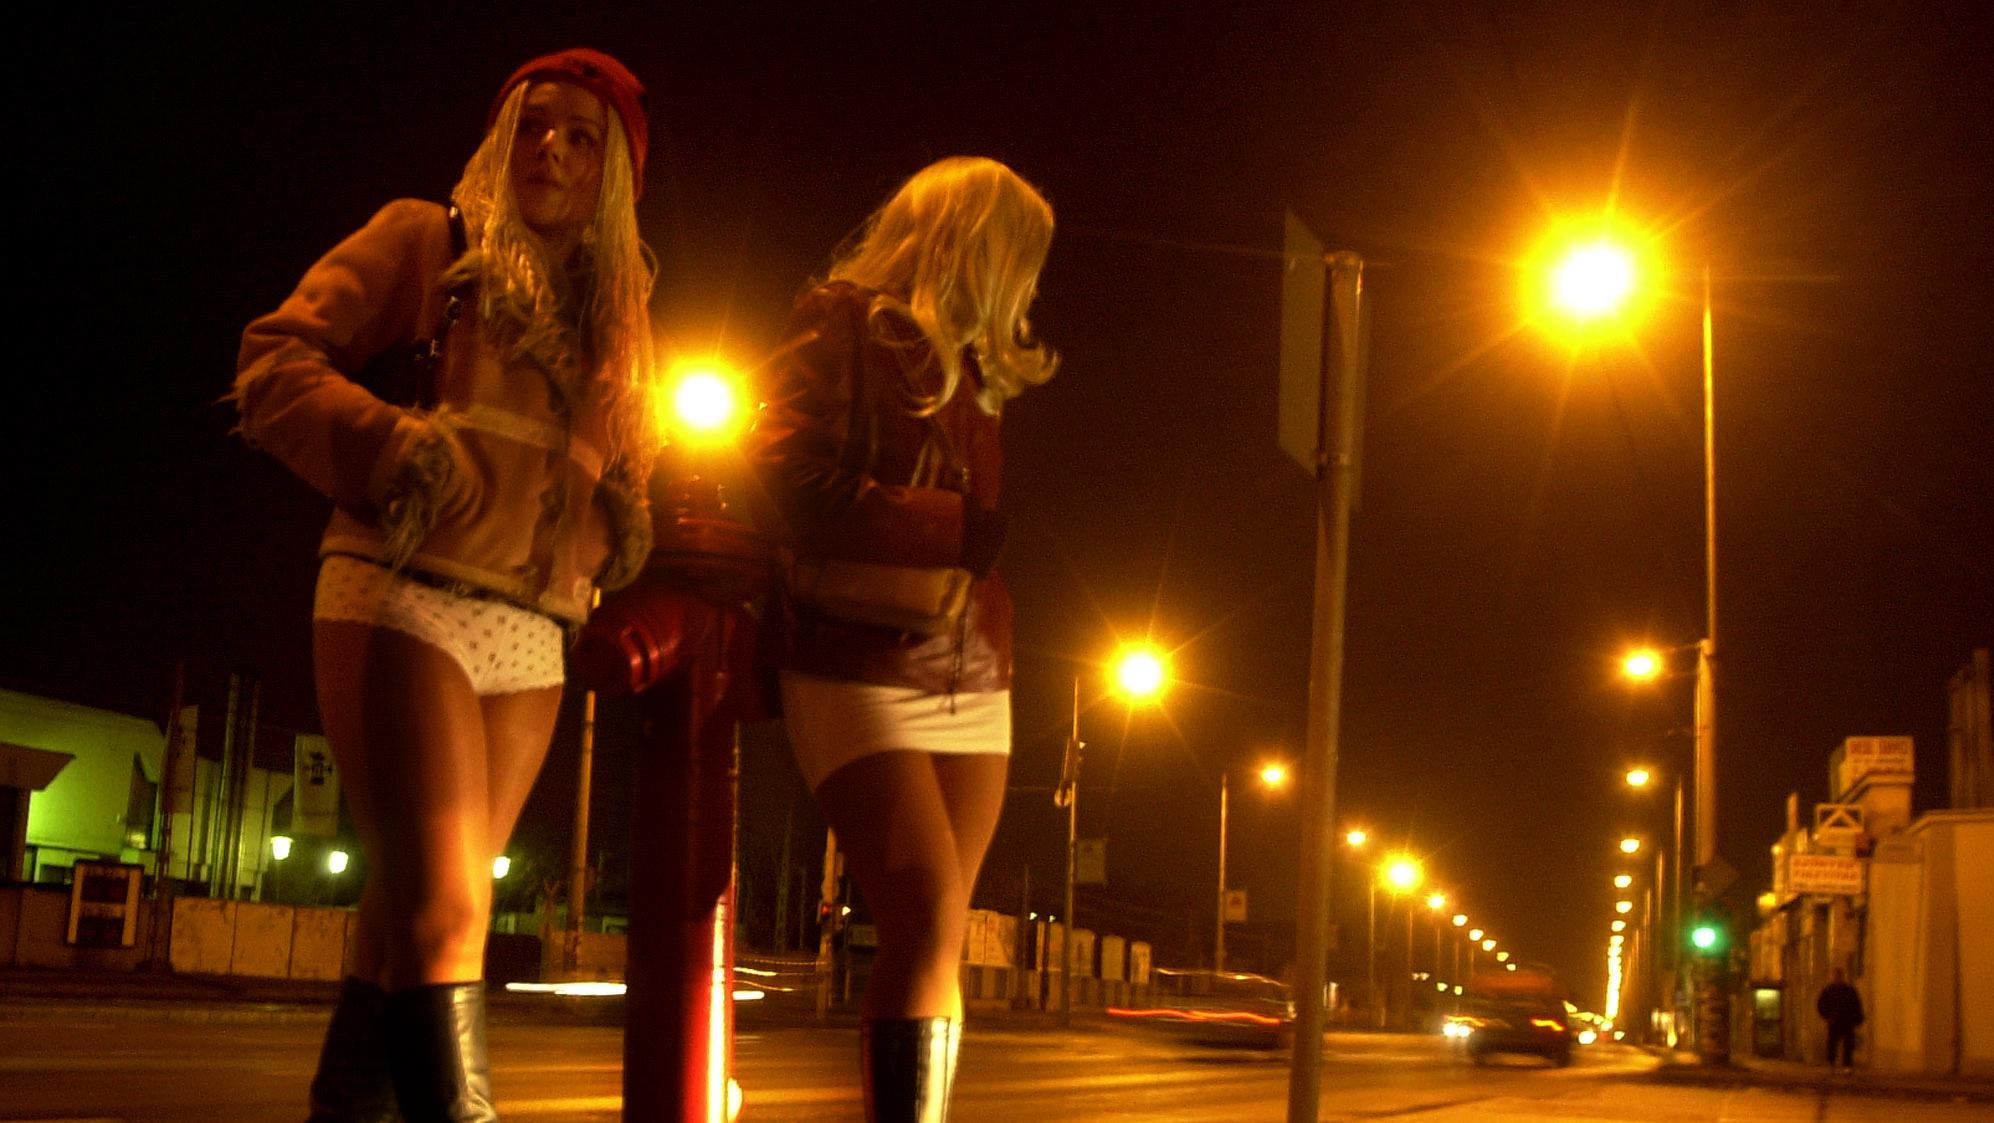 Индивидуалки где стоят закажи проституток тюмень